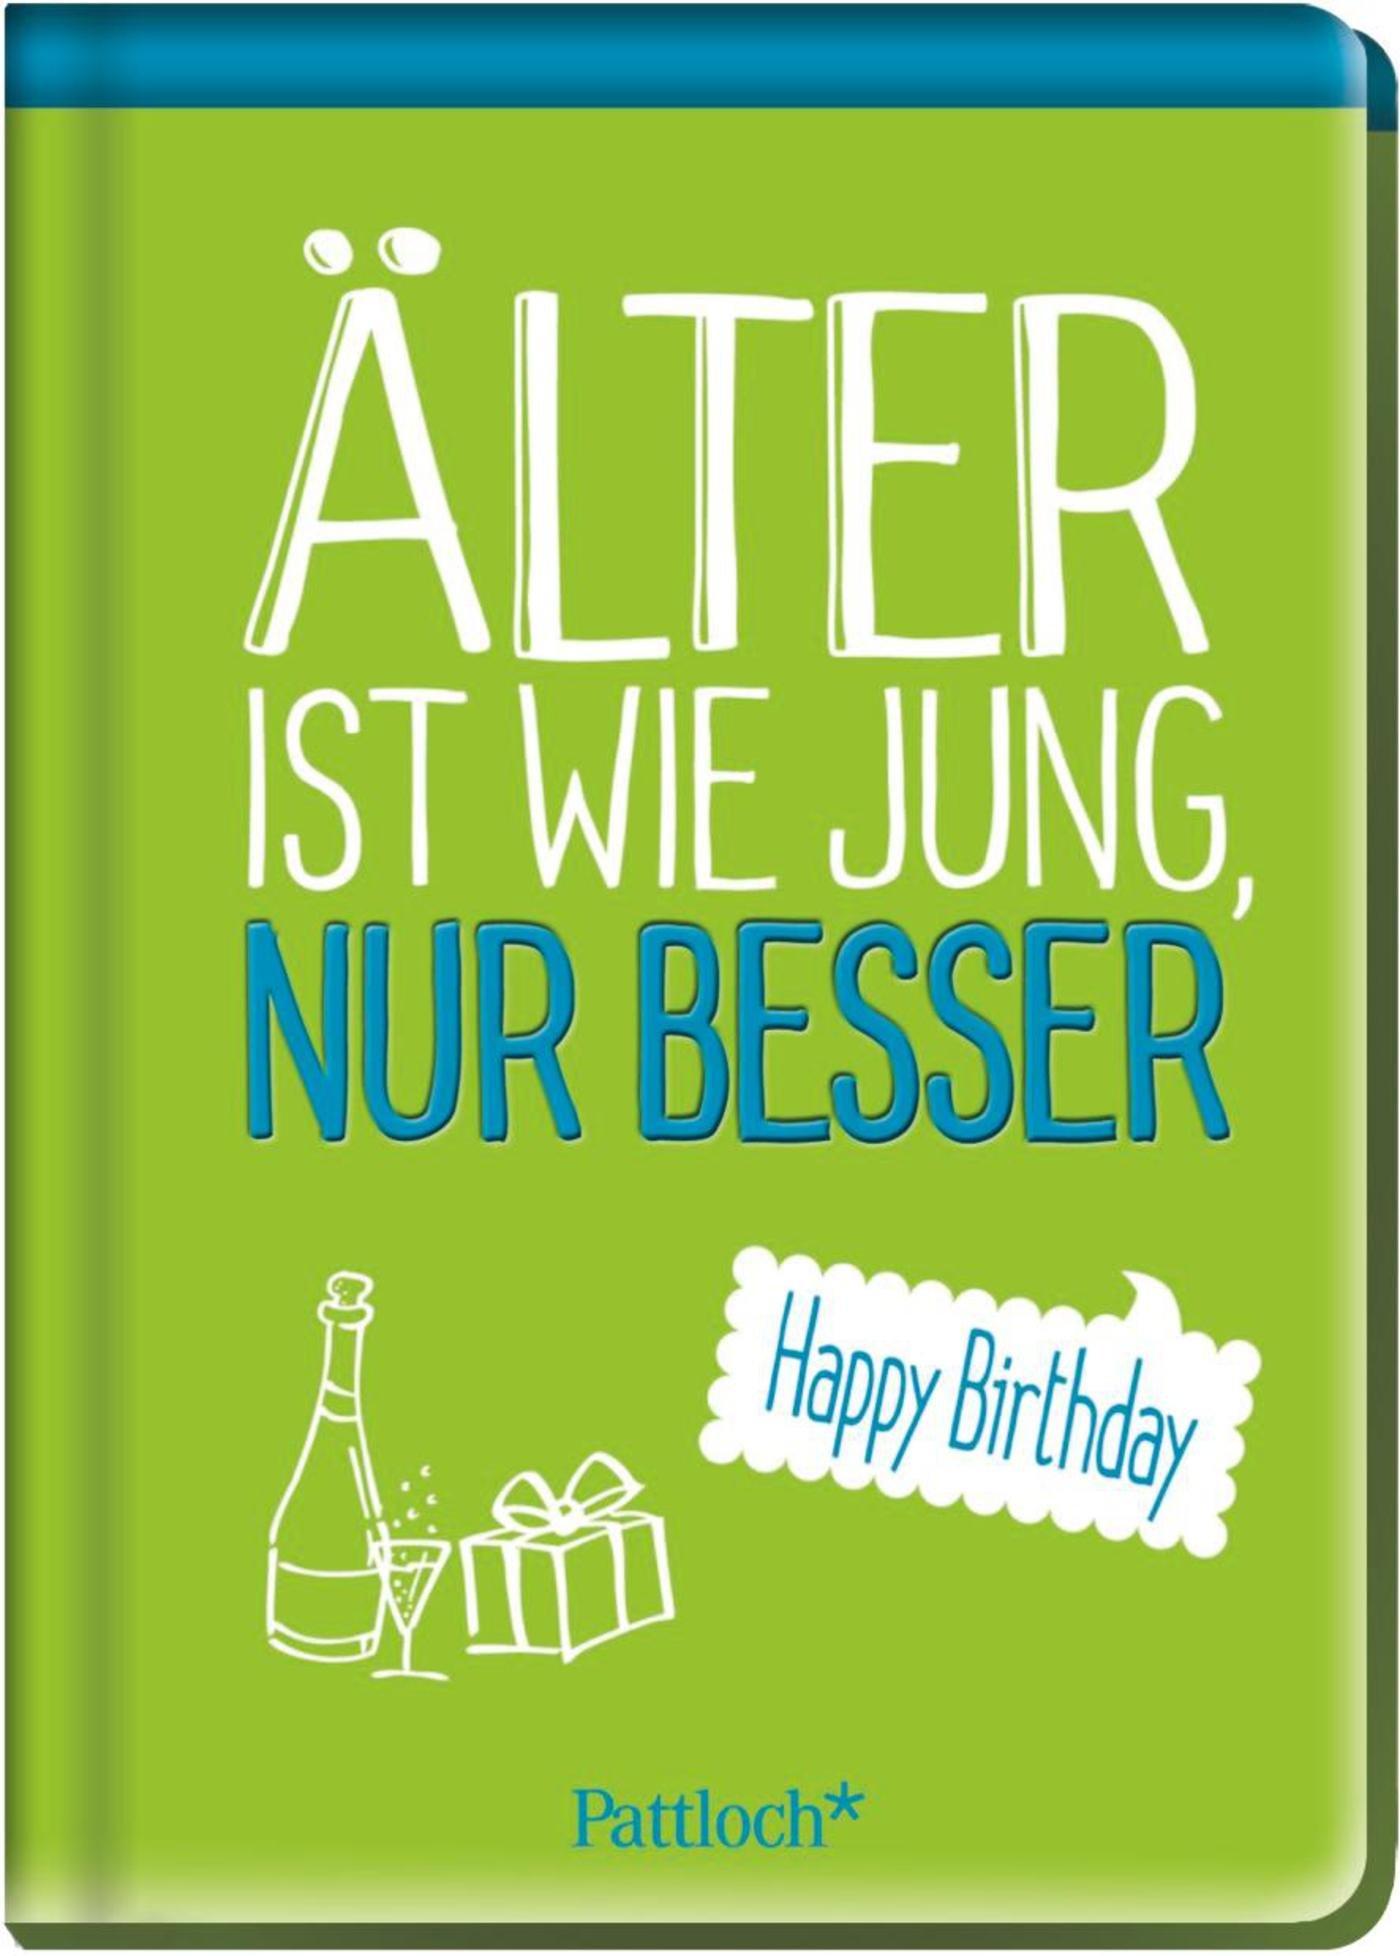 Älter ist wie jung, nur besser: Happy Birthday